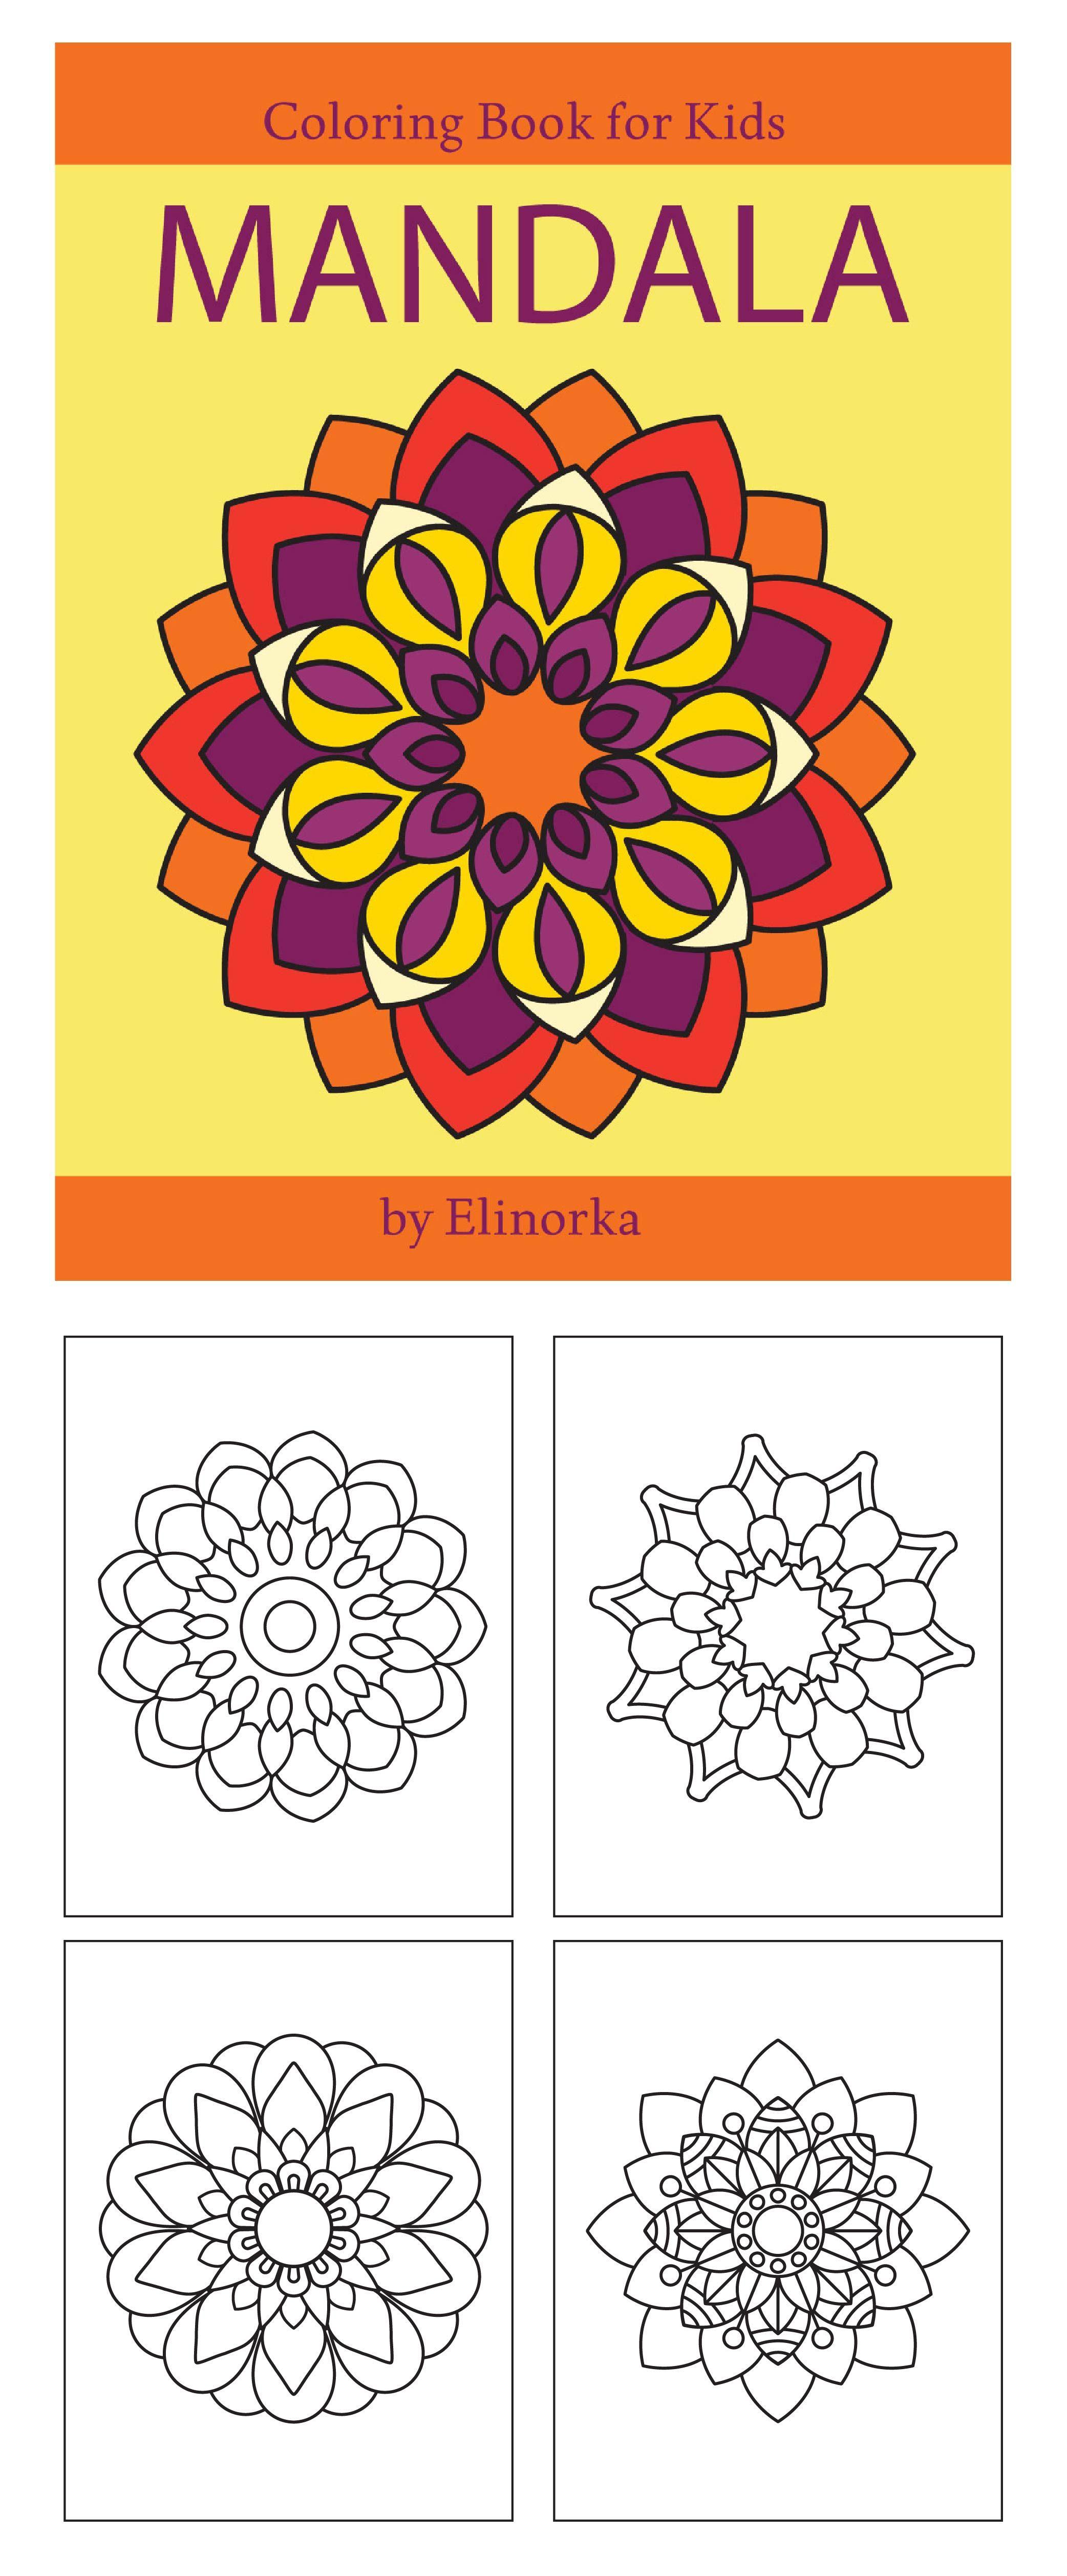 Mandala Coloring Book For Kids And Beginners Easy Simple Mandalas Designs Perfect Gift